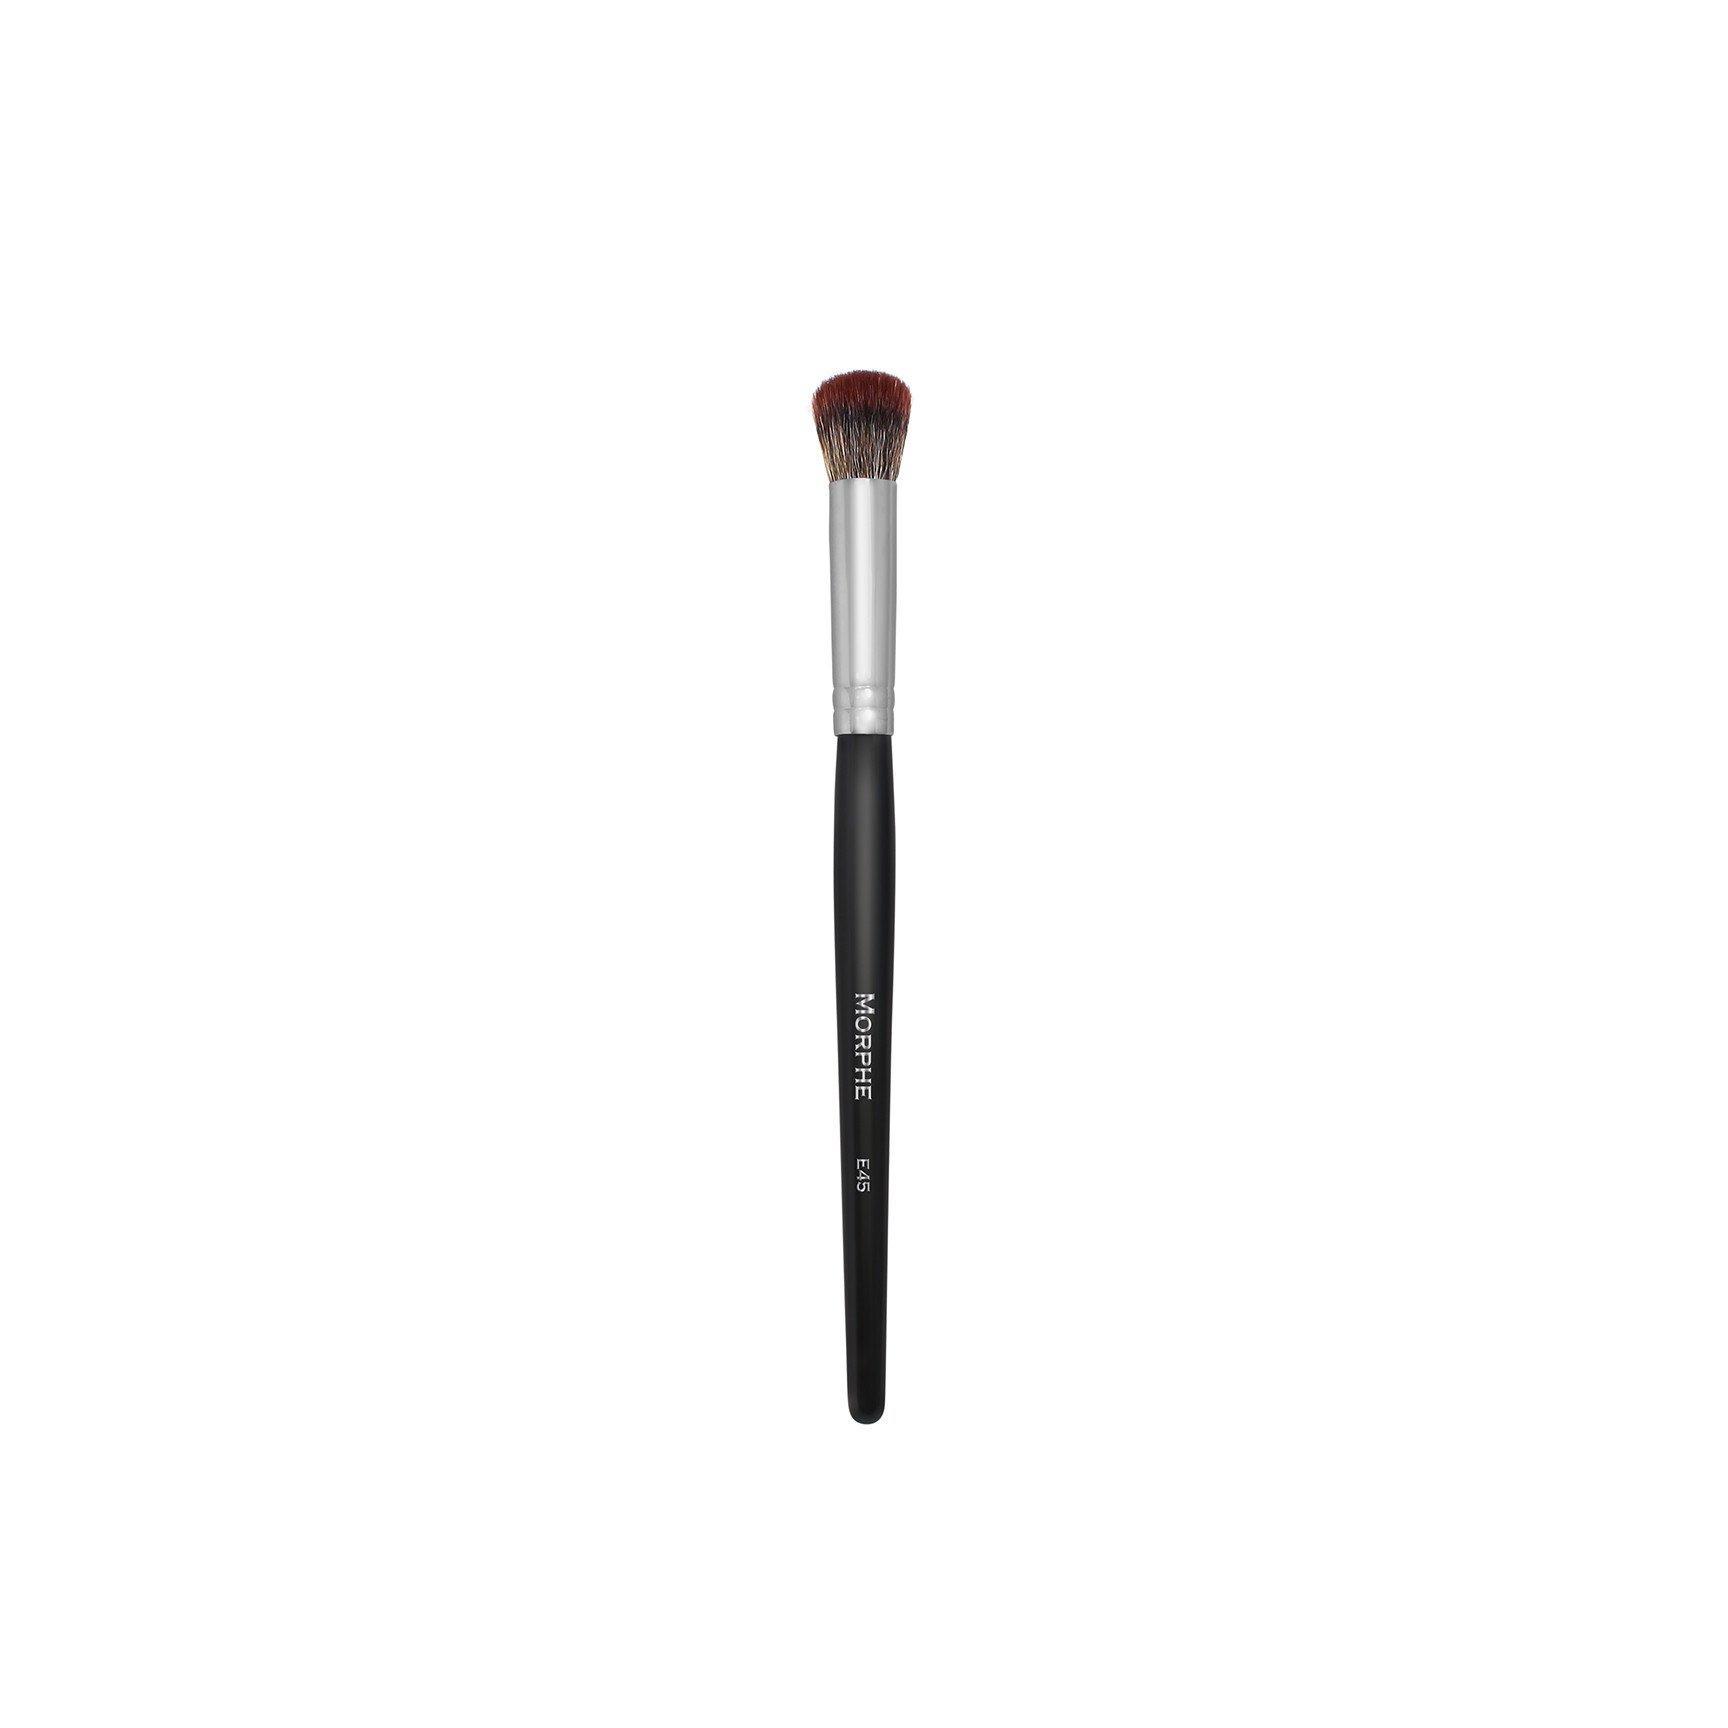 Morphe Detail Contour Brush E45